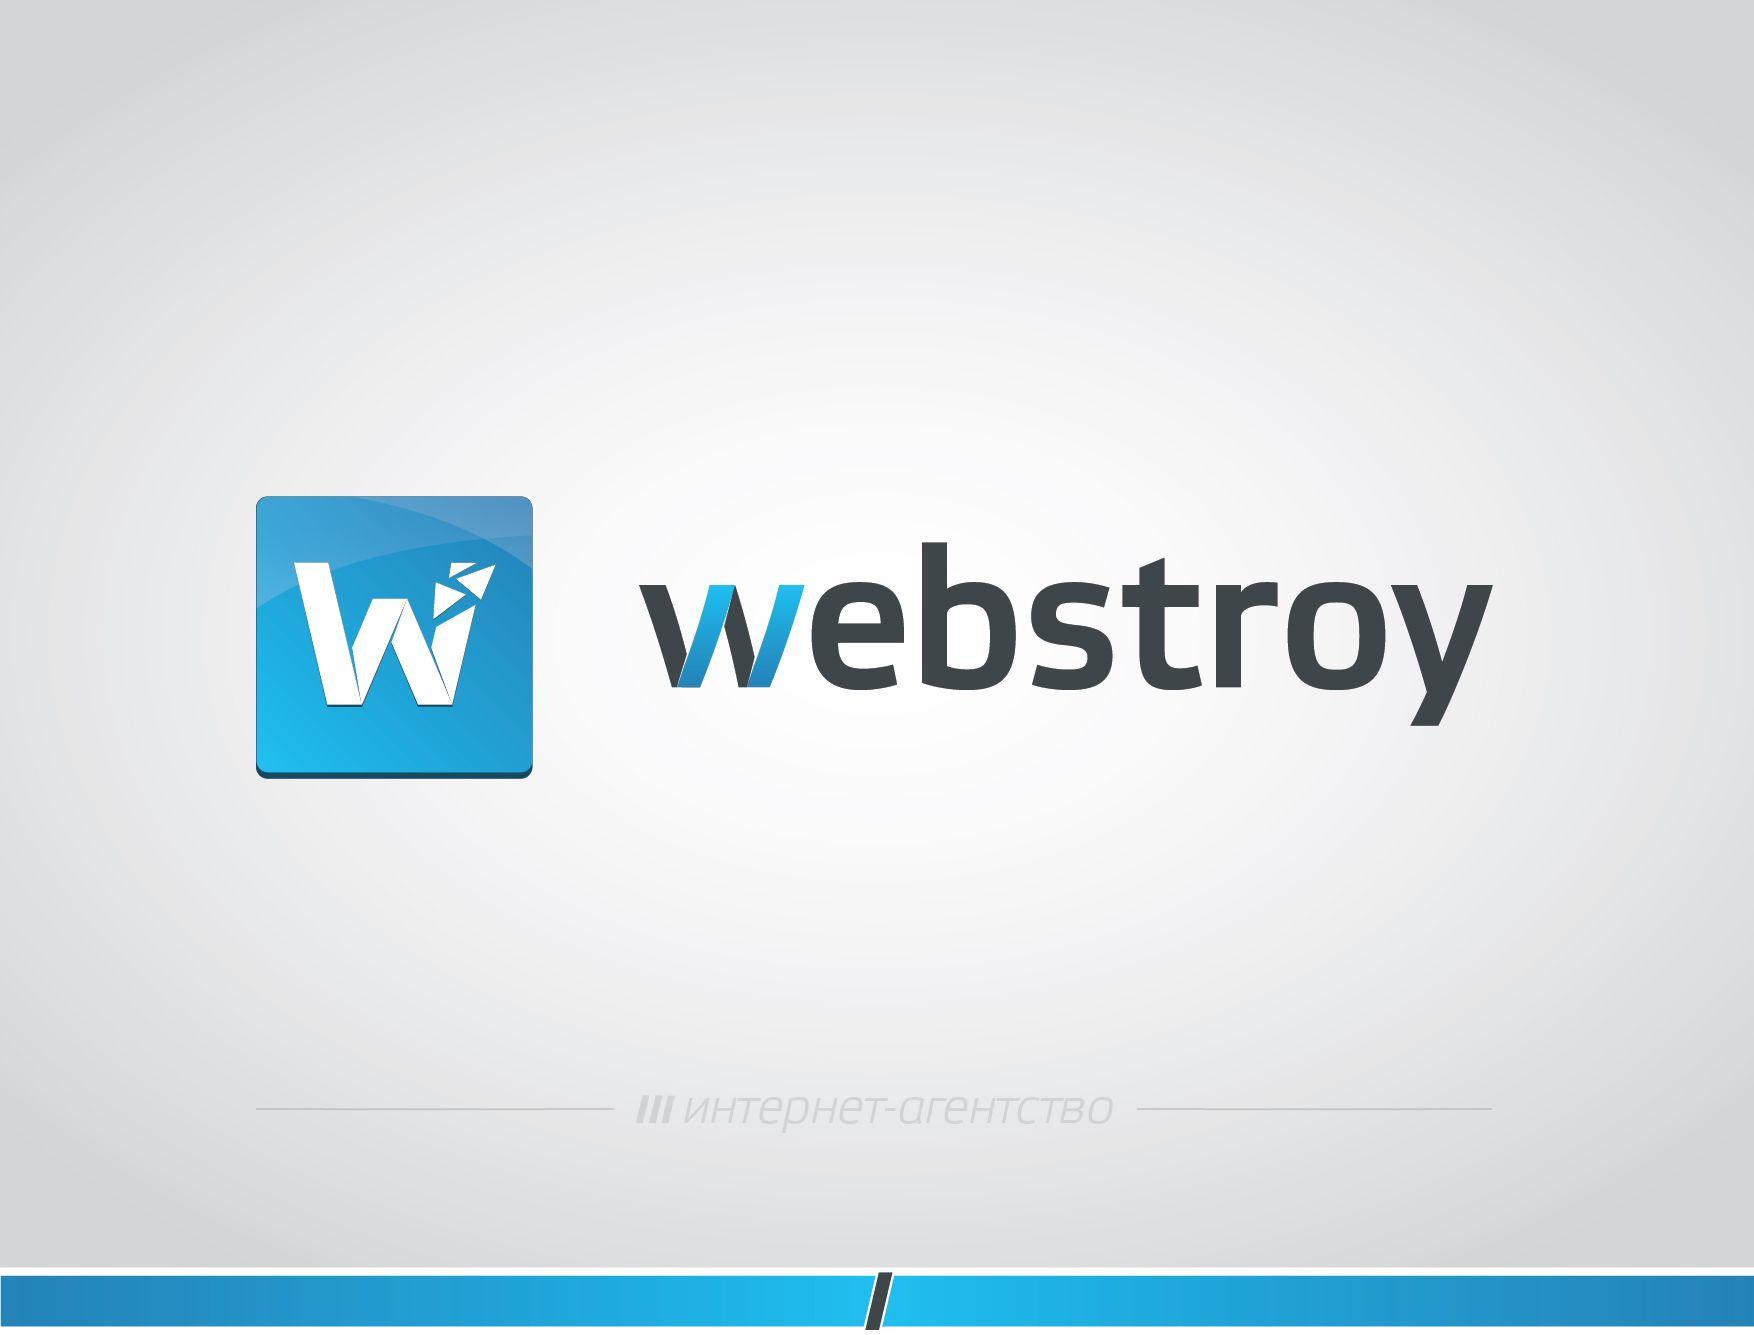 Логотип интернет-агентства - дизайнер Cammerariy